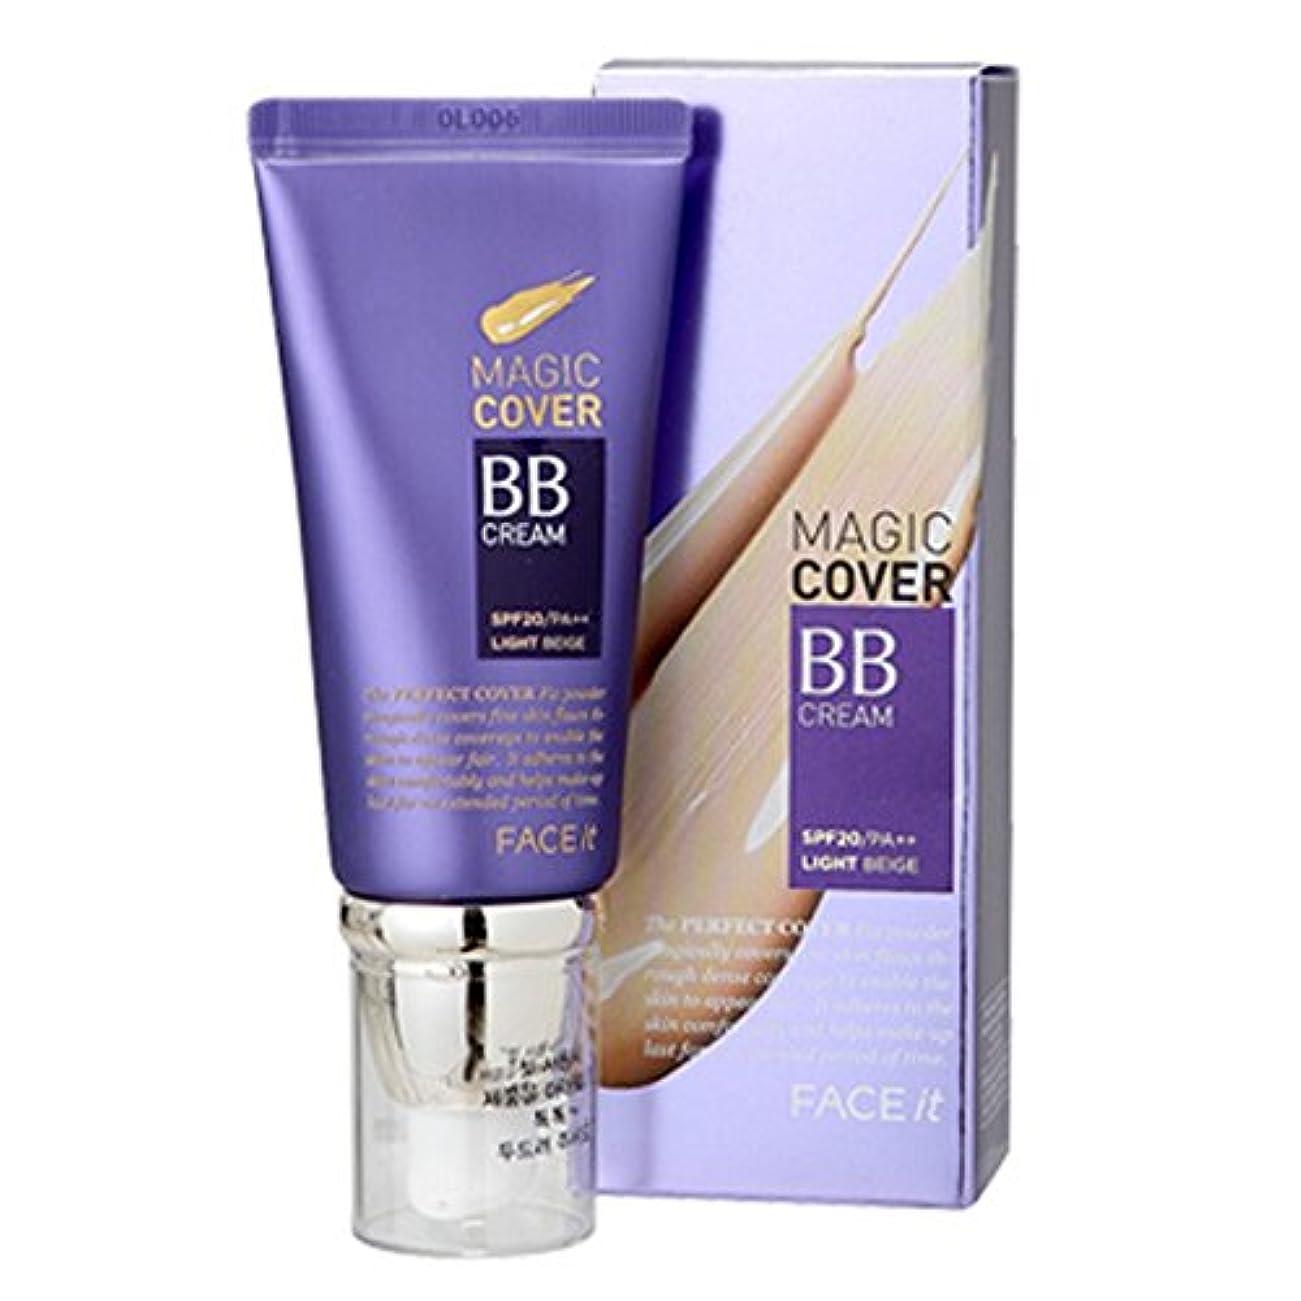 受け入れるイタリック加速度ザフェイスショップ The Face Shop Face It Magic Cover BB Cream 45ml (02 Natural Beige)